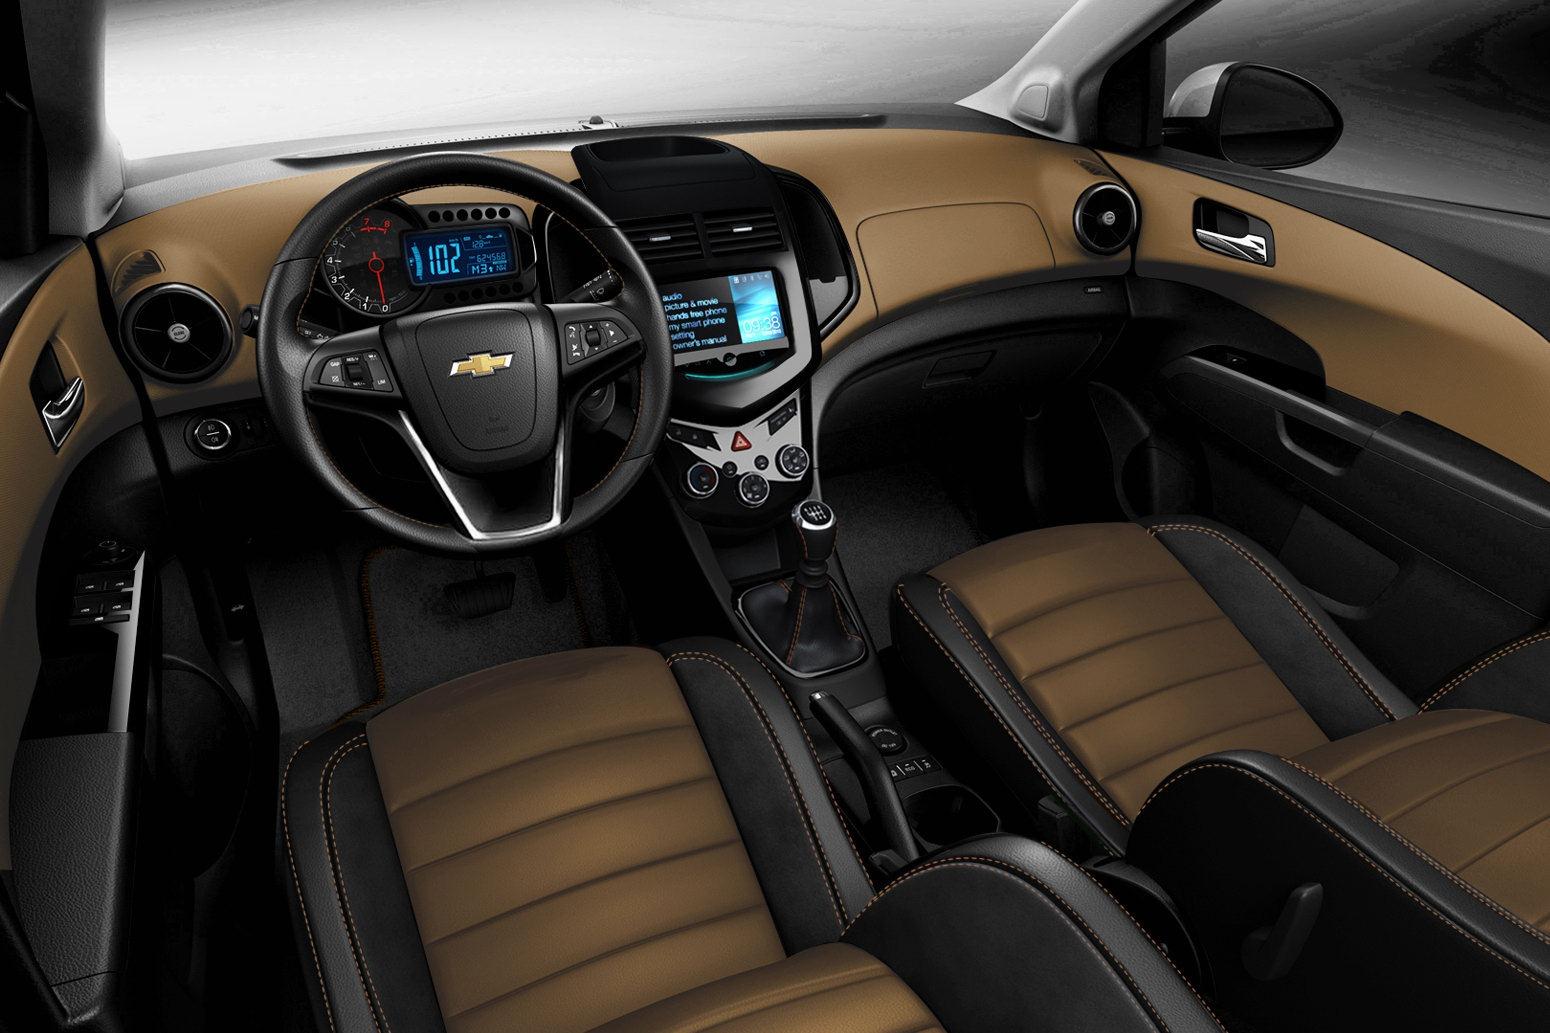 2014 Chevrolet Sonic Ltz Manual 5 Door